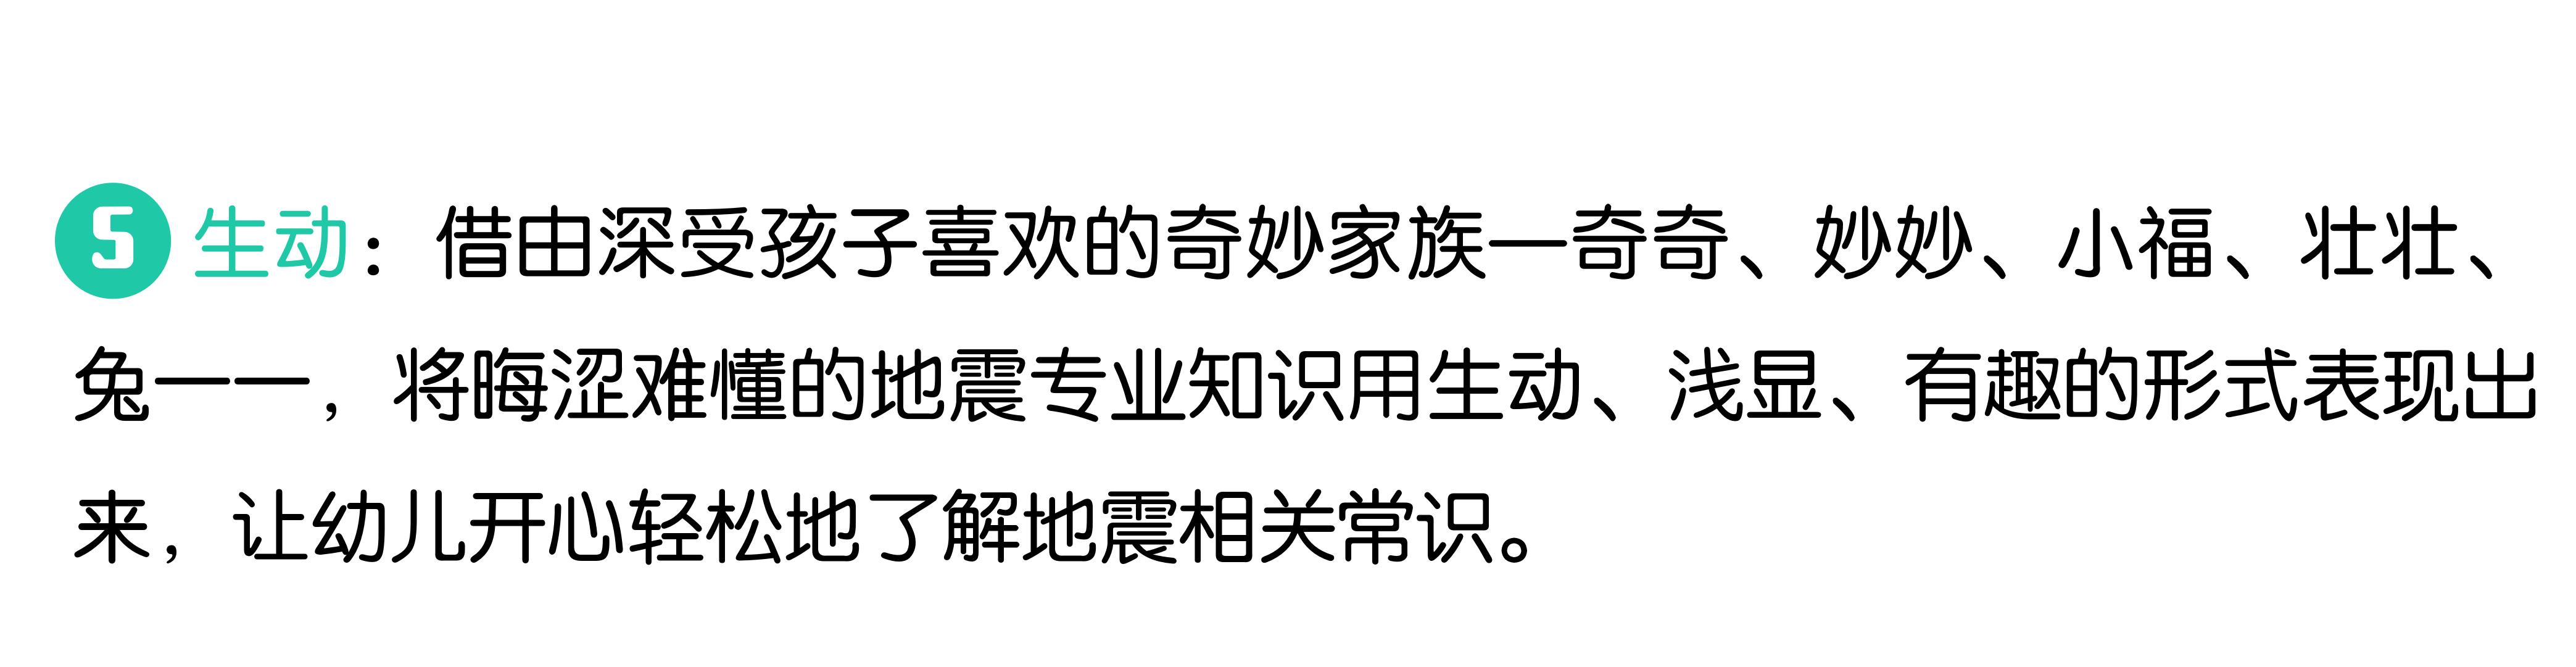 演示文稿1_06.png